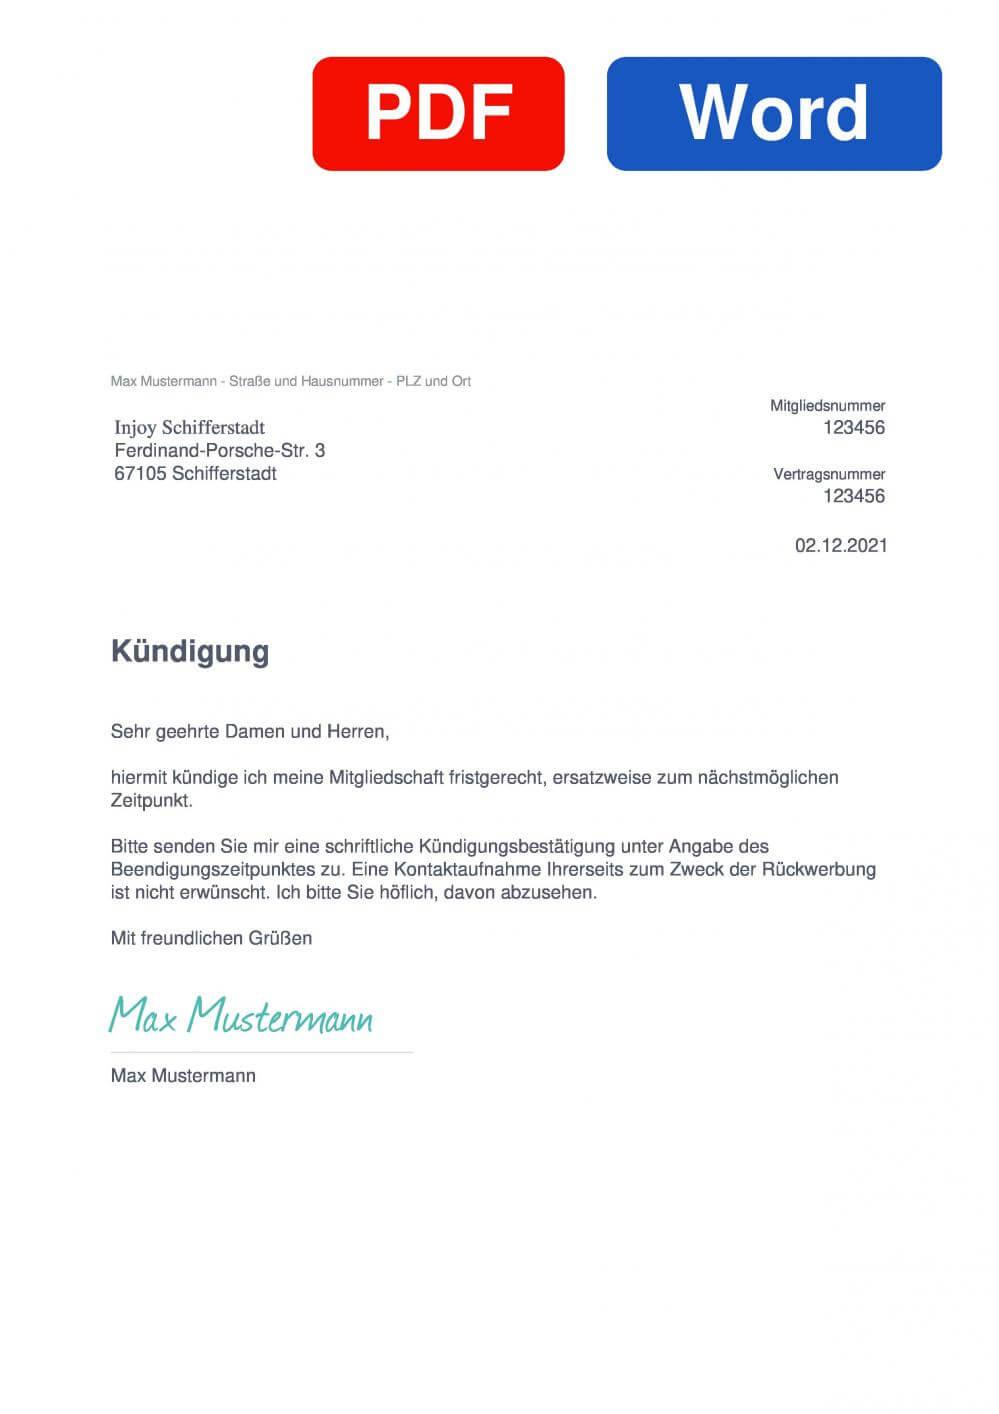 INJOY Schifferstadt Muster Vorlage für Kündigungsschreiben